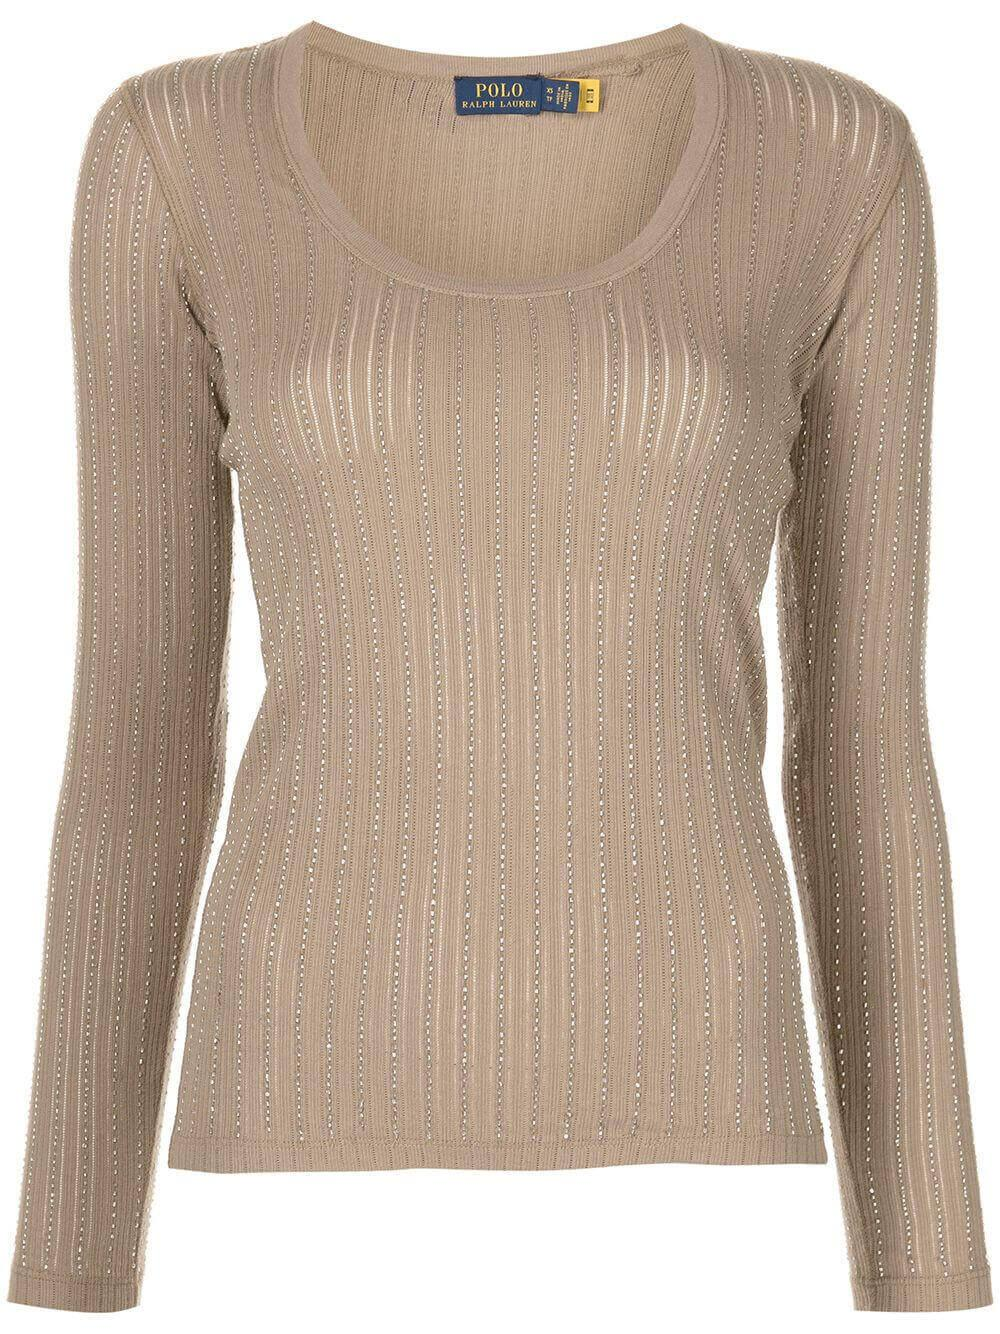 Scoop Neck Metallic Knit Top Item # 211839198001